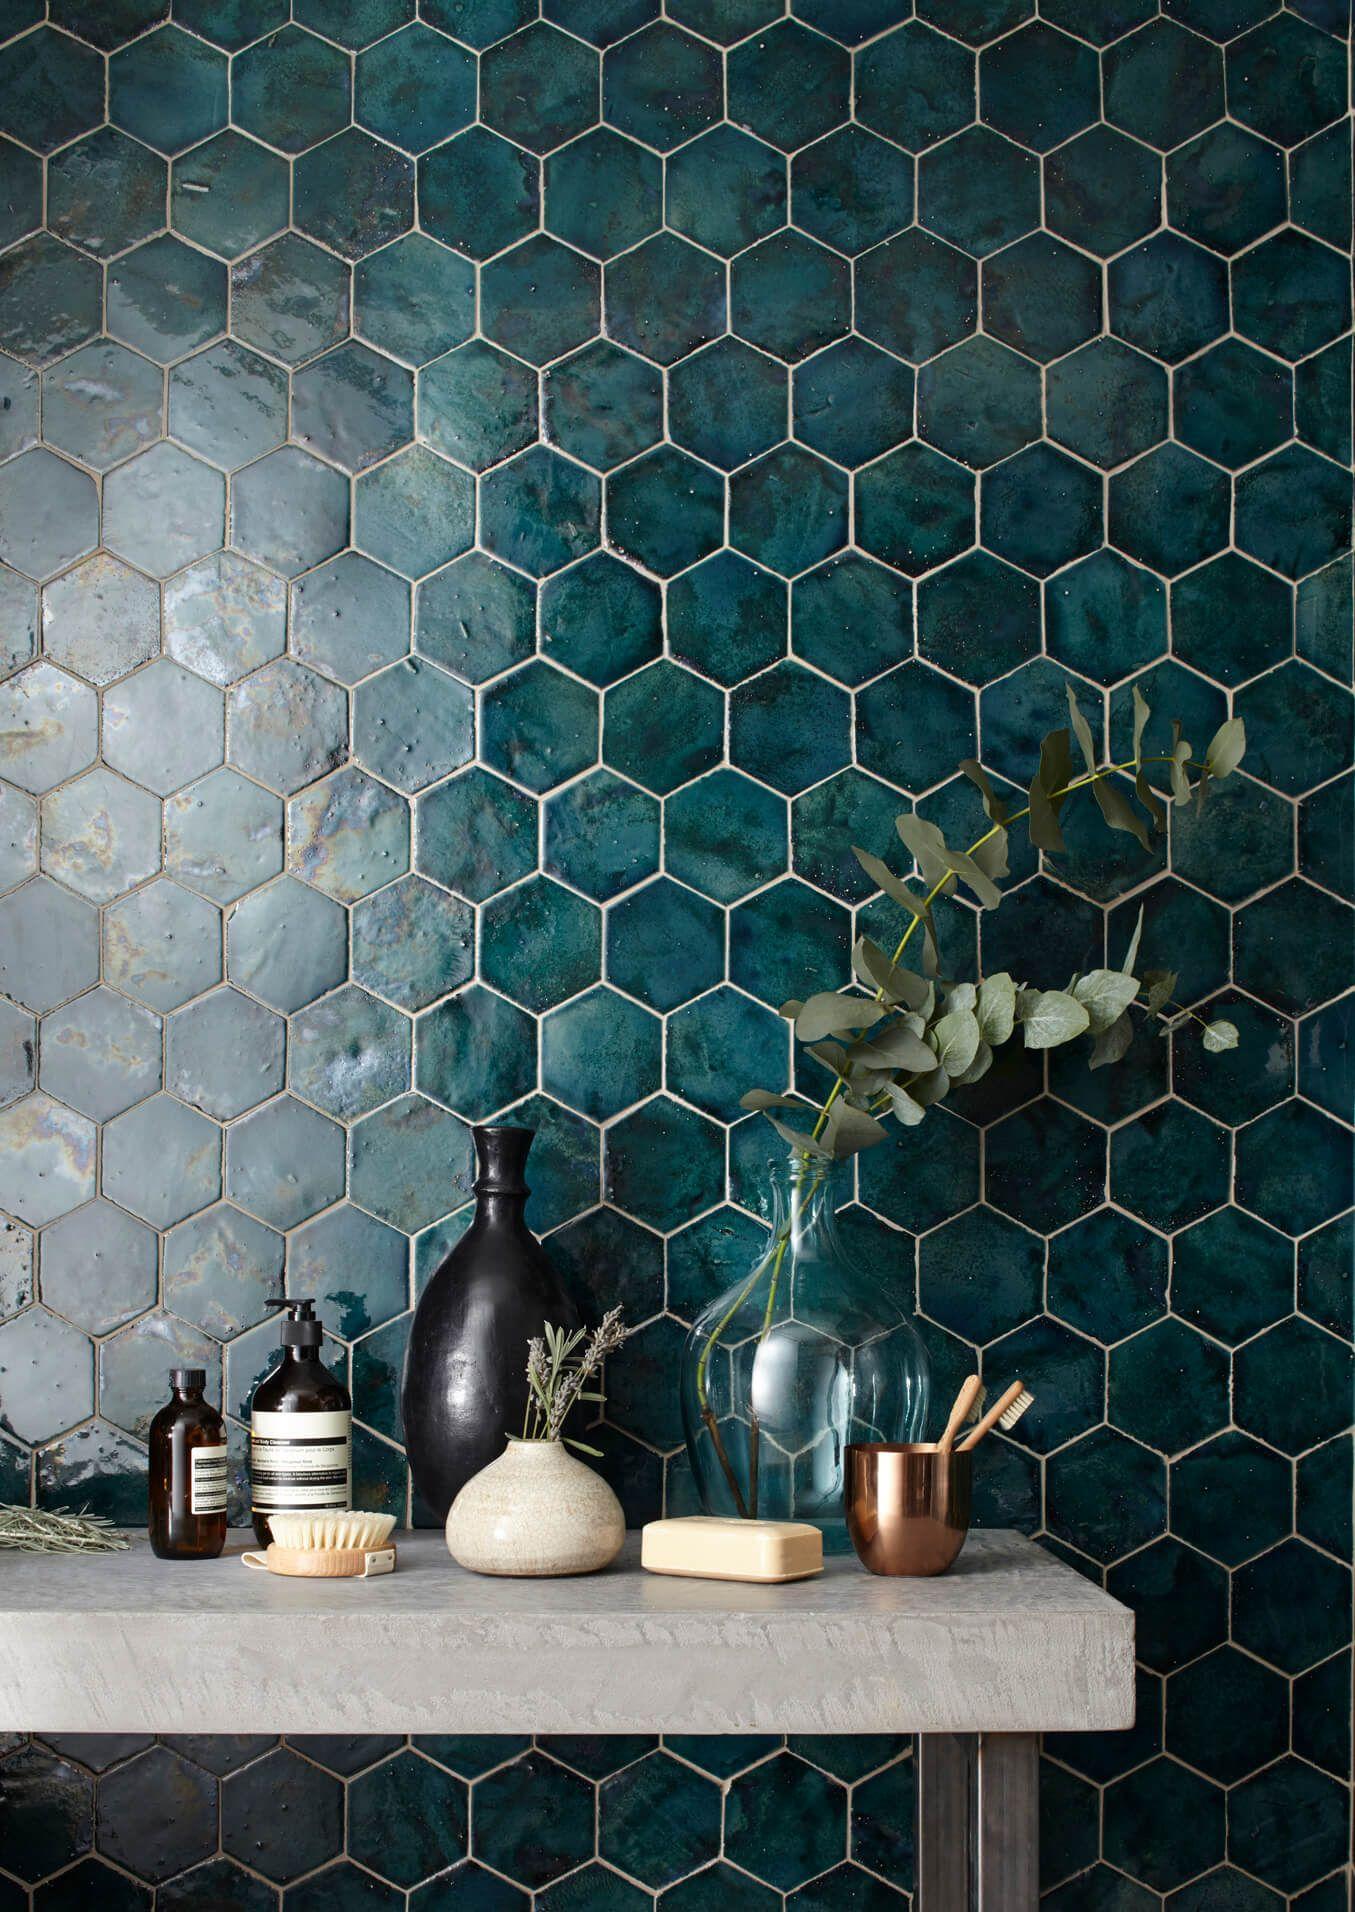 Osez les couleurs sombres dans la salle de bain | Architecture and ...